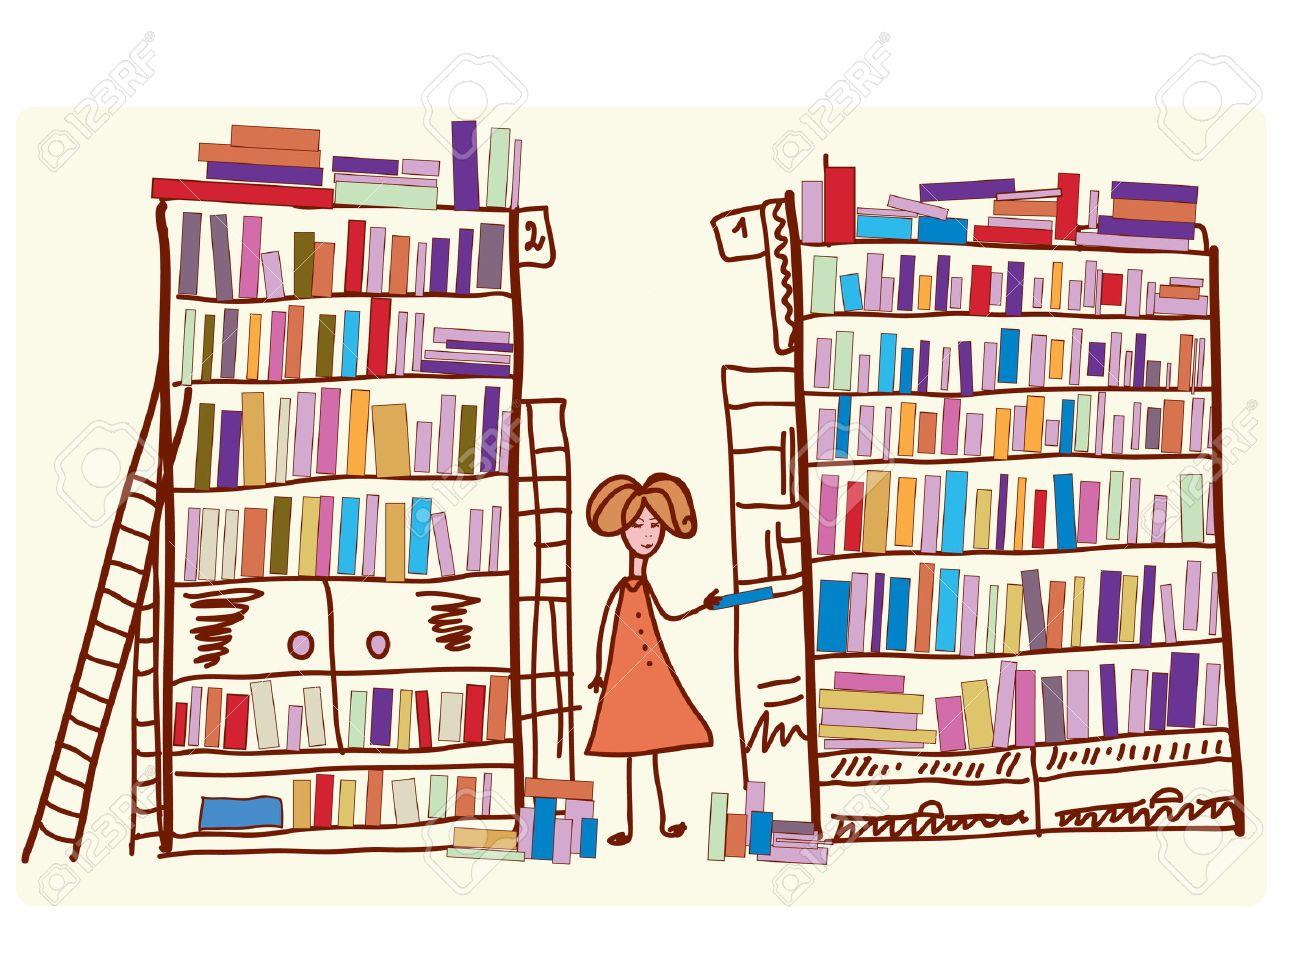 biblioteca dibujos bilaketarekin bat datozen irudiak